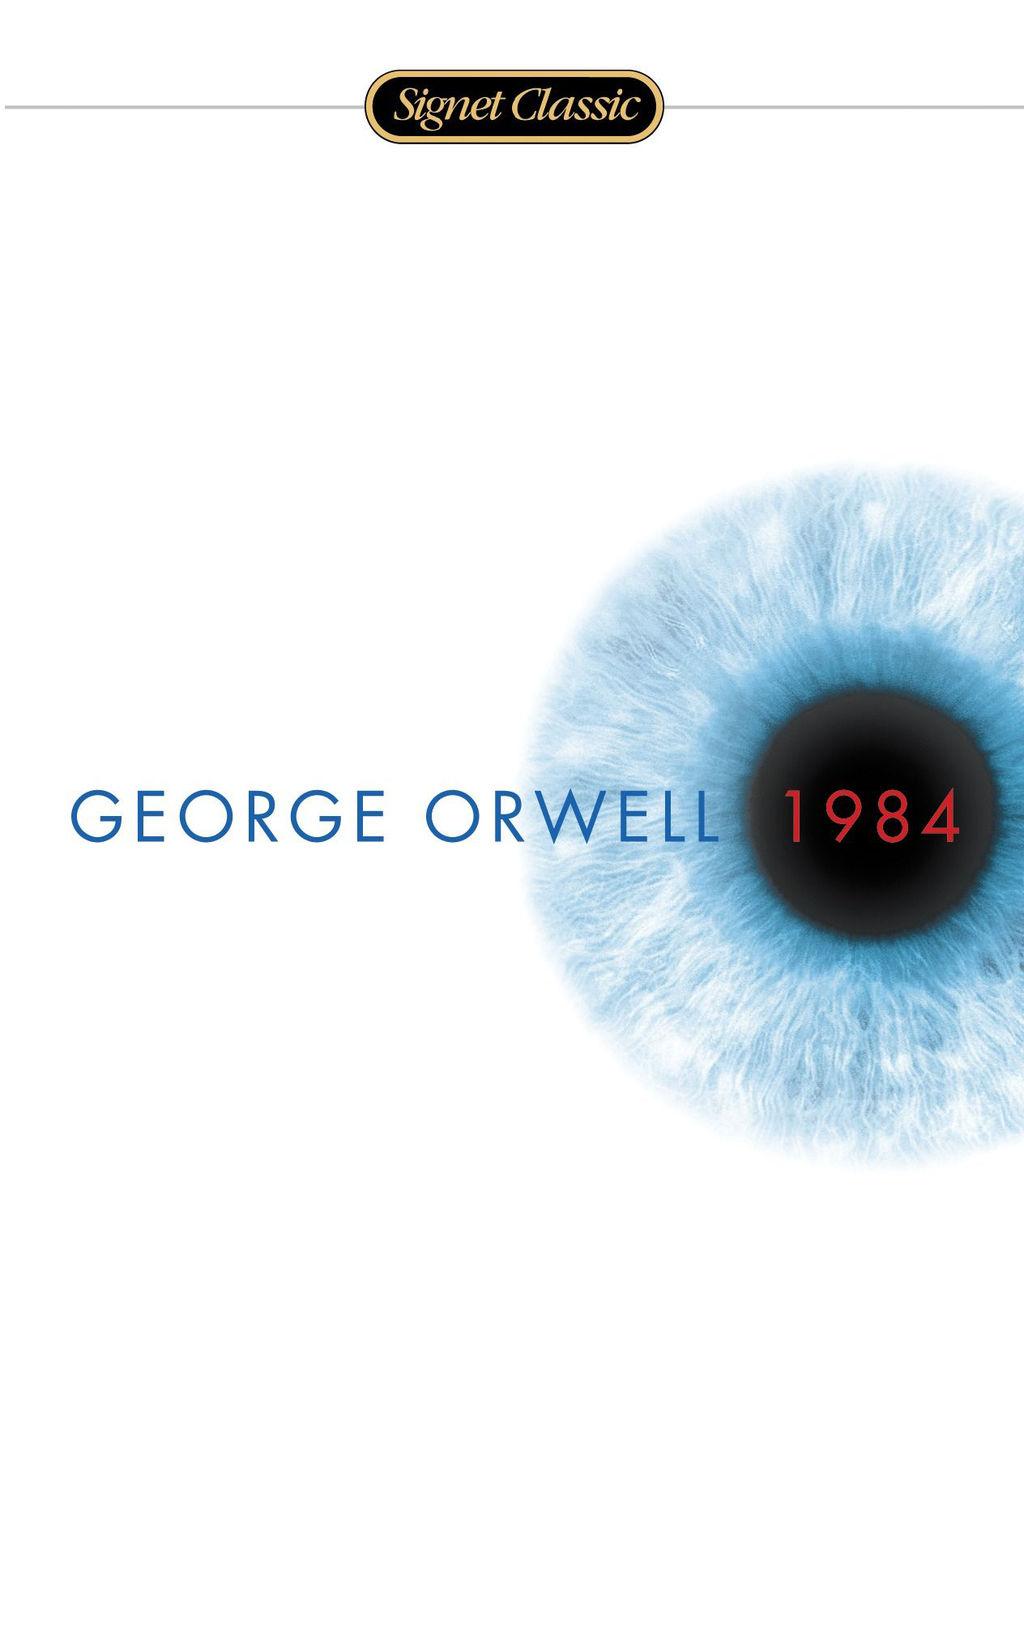 Tempos obscuros: 1984 vira bestseller na Amazon quase 70 anos depois de seu lançamento